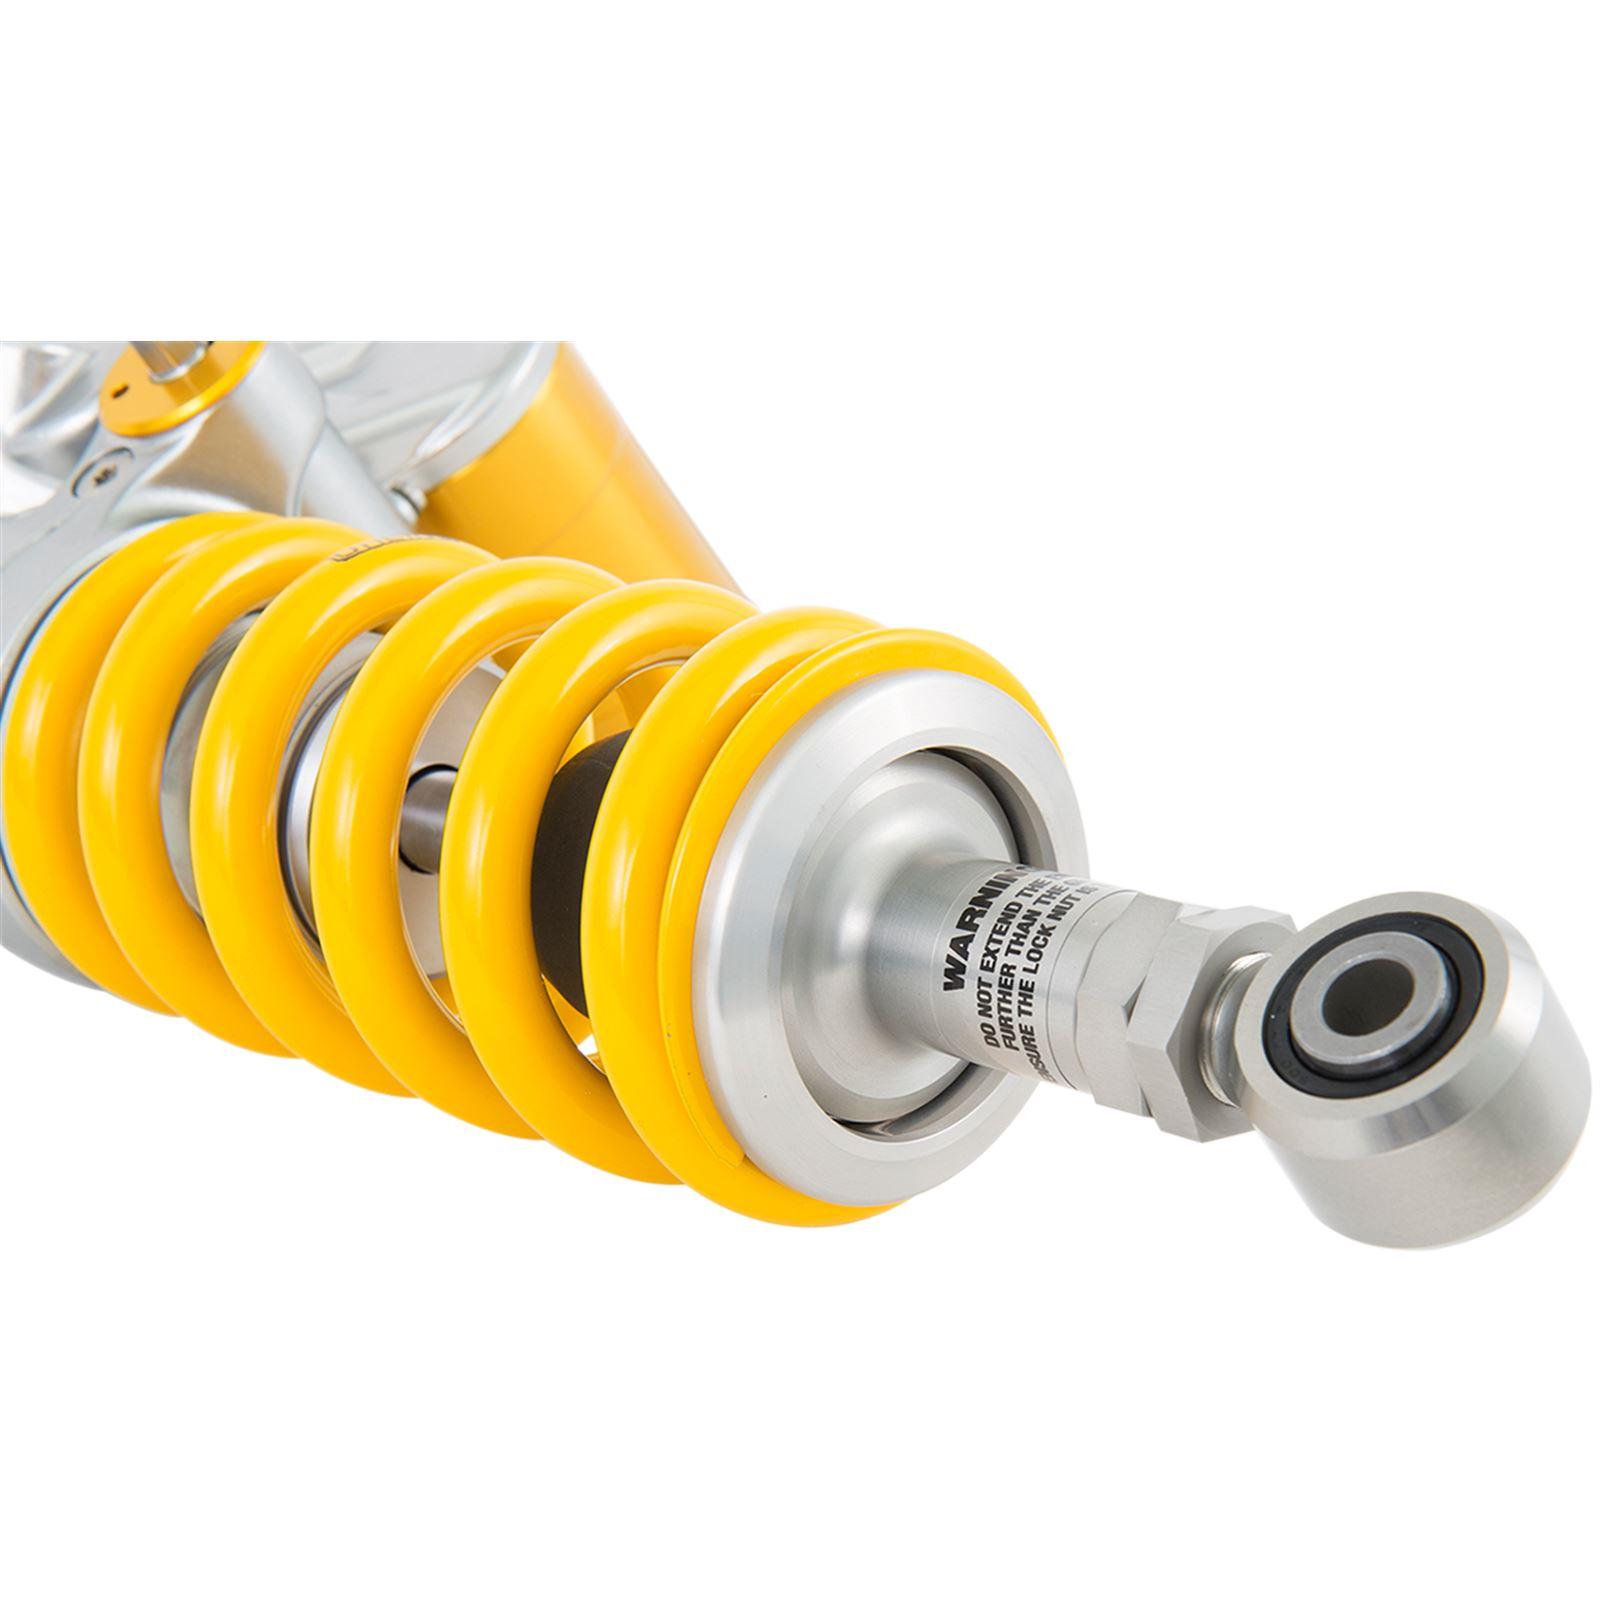 Ohlins Ohlins TTX GP Shock Absorber - Type T36PR1C1LB - Yamaha 468